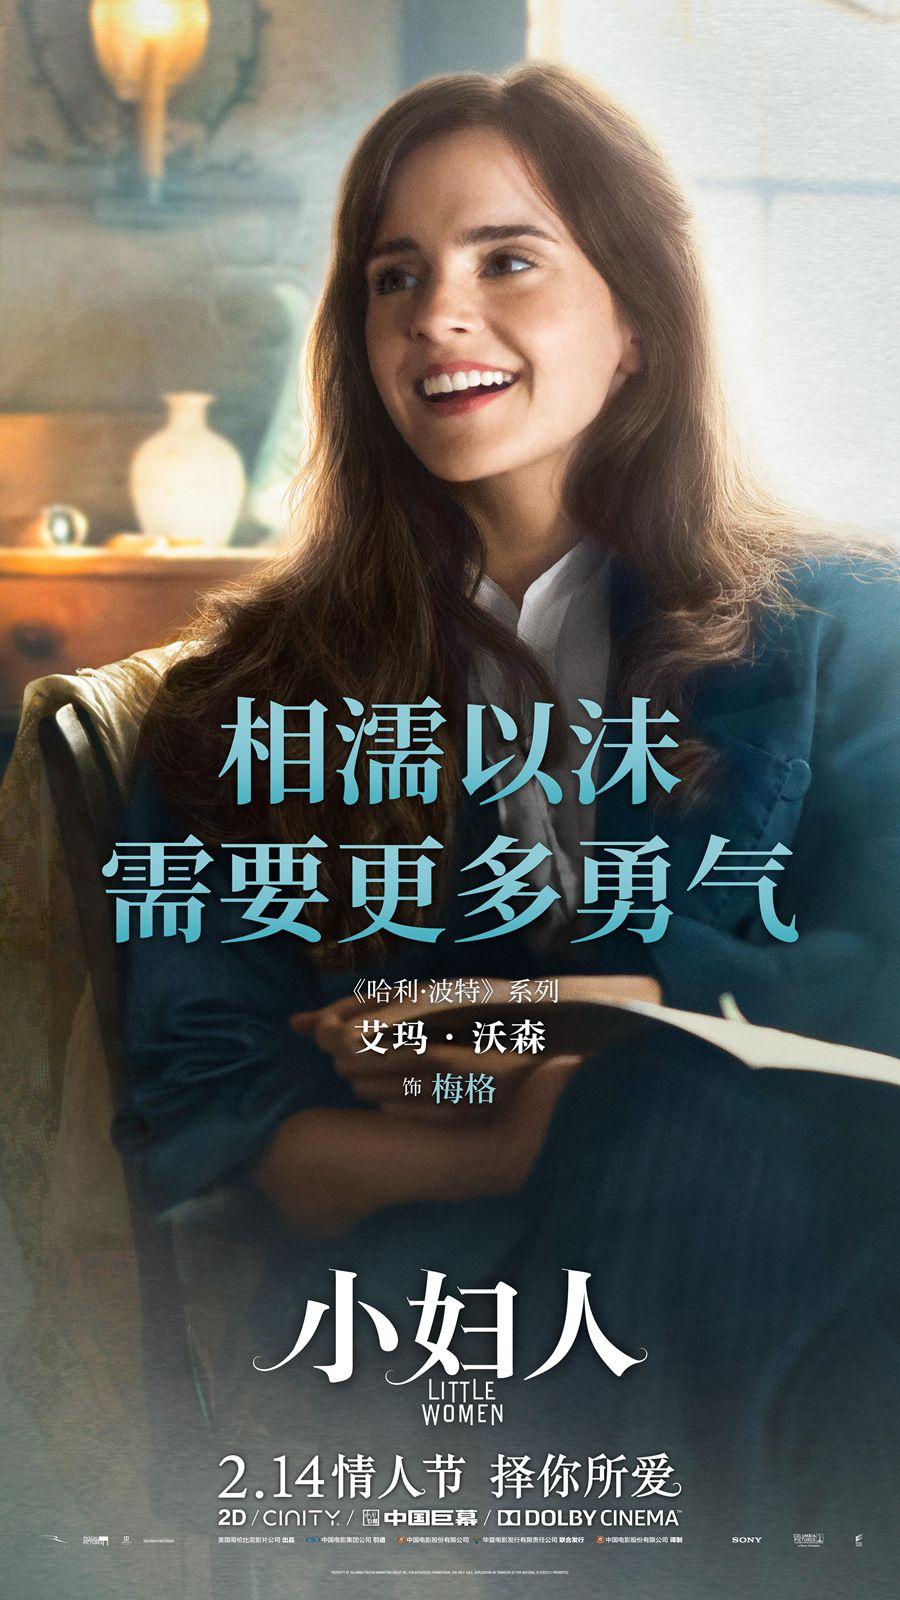 《小妇人》发布角色海报 超美甜茶罗南领衔豪华卡司